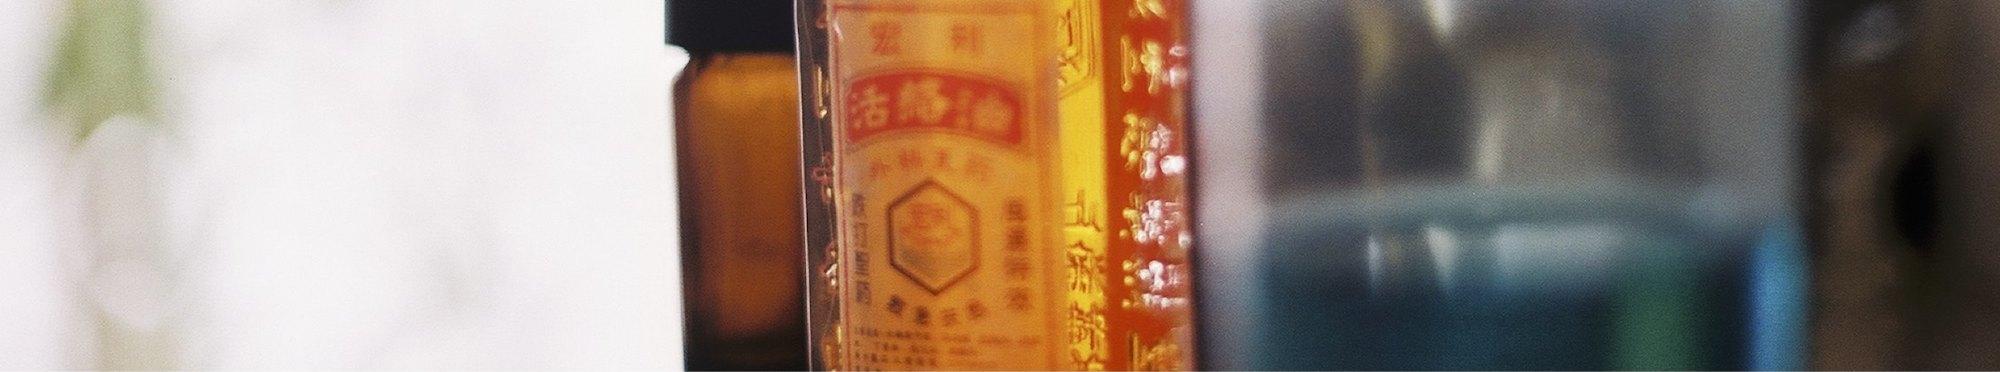 TCM OM Bottles